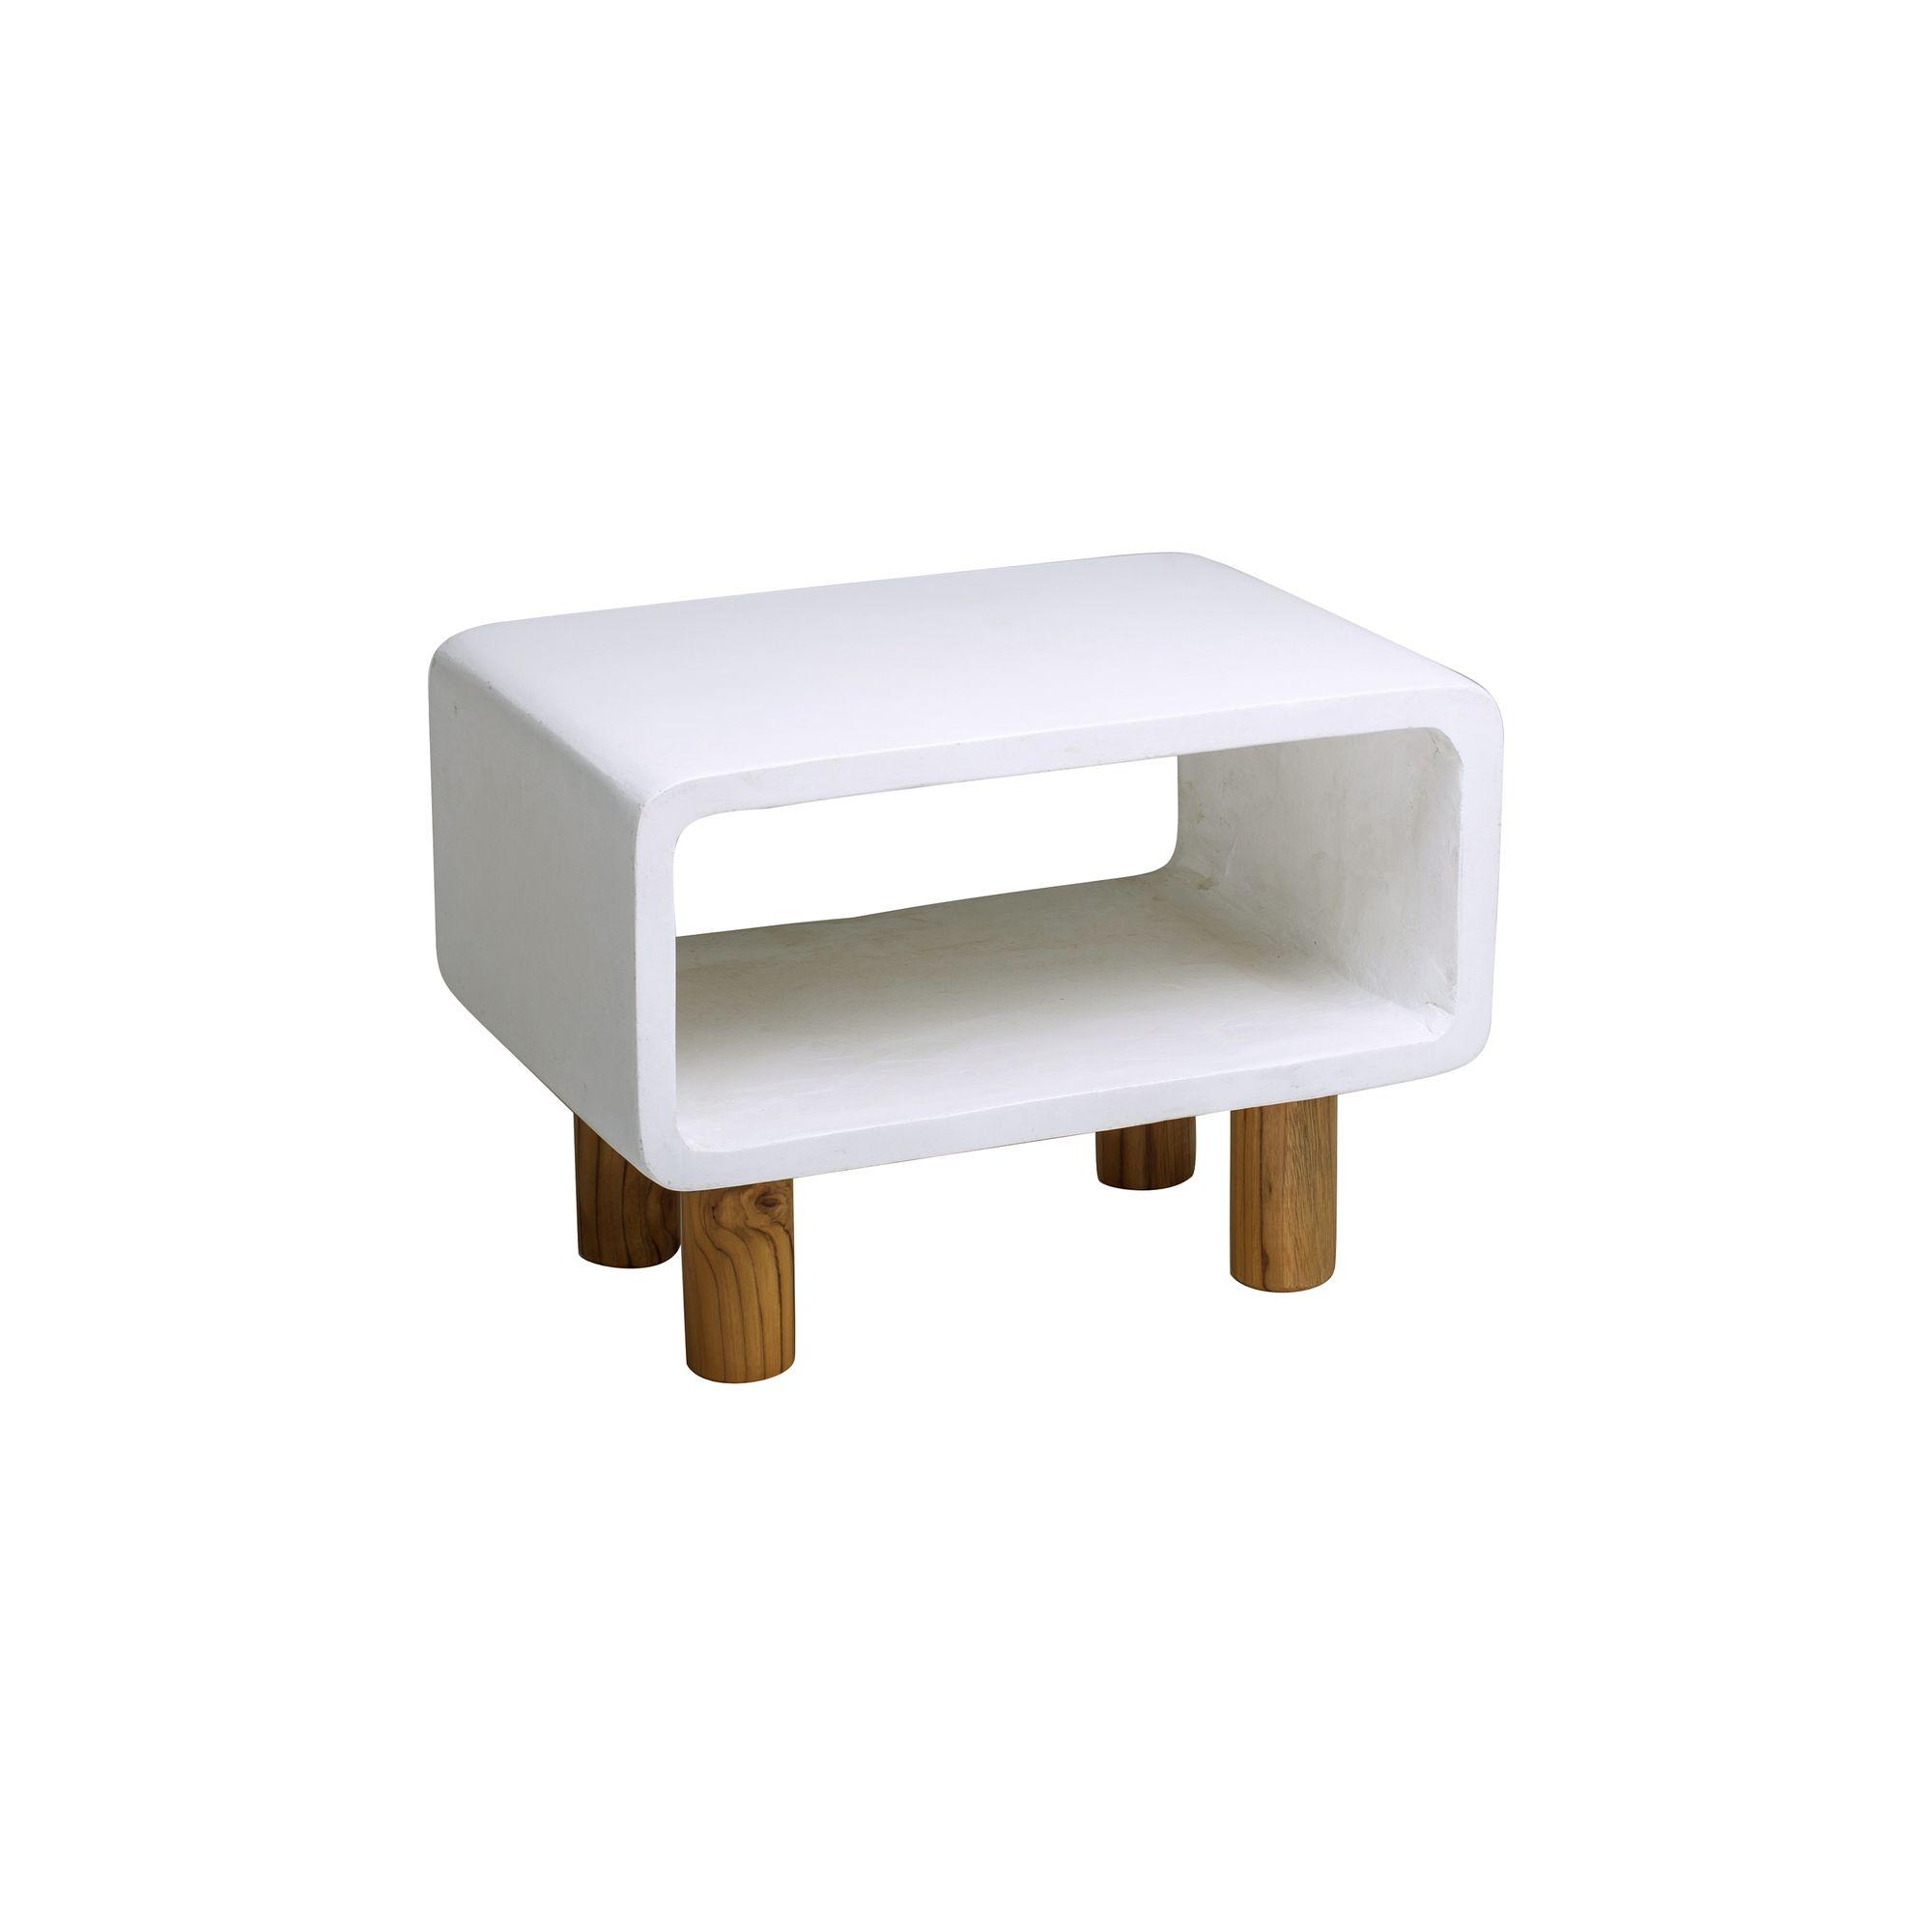 Meuble d'appoint en béton blanc et pieds en teck